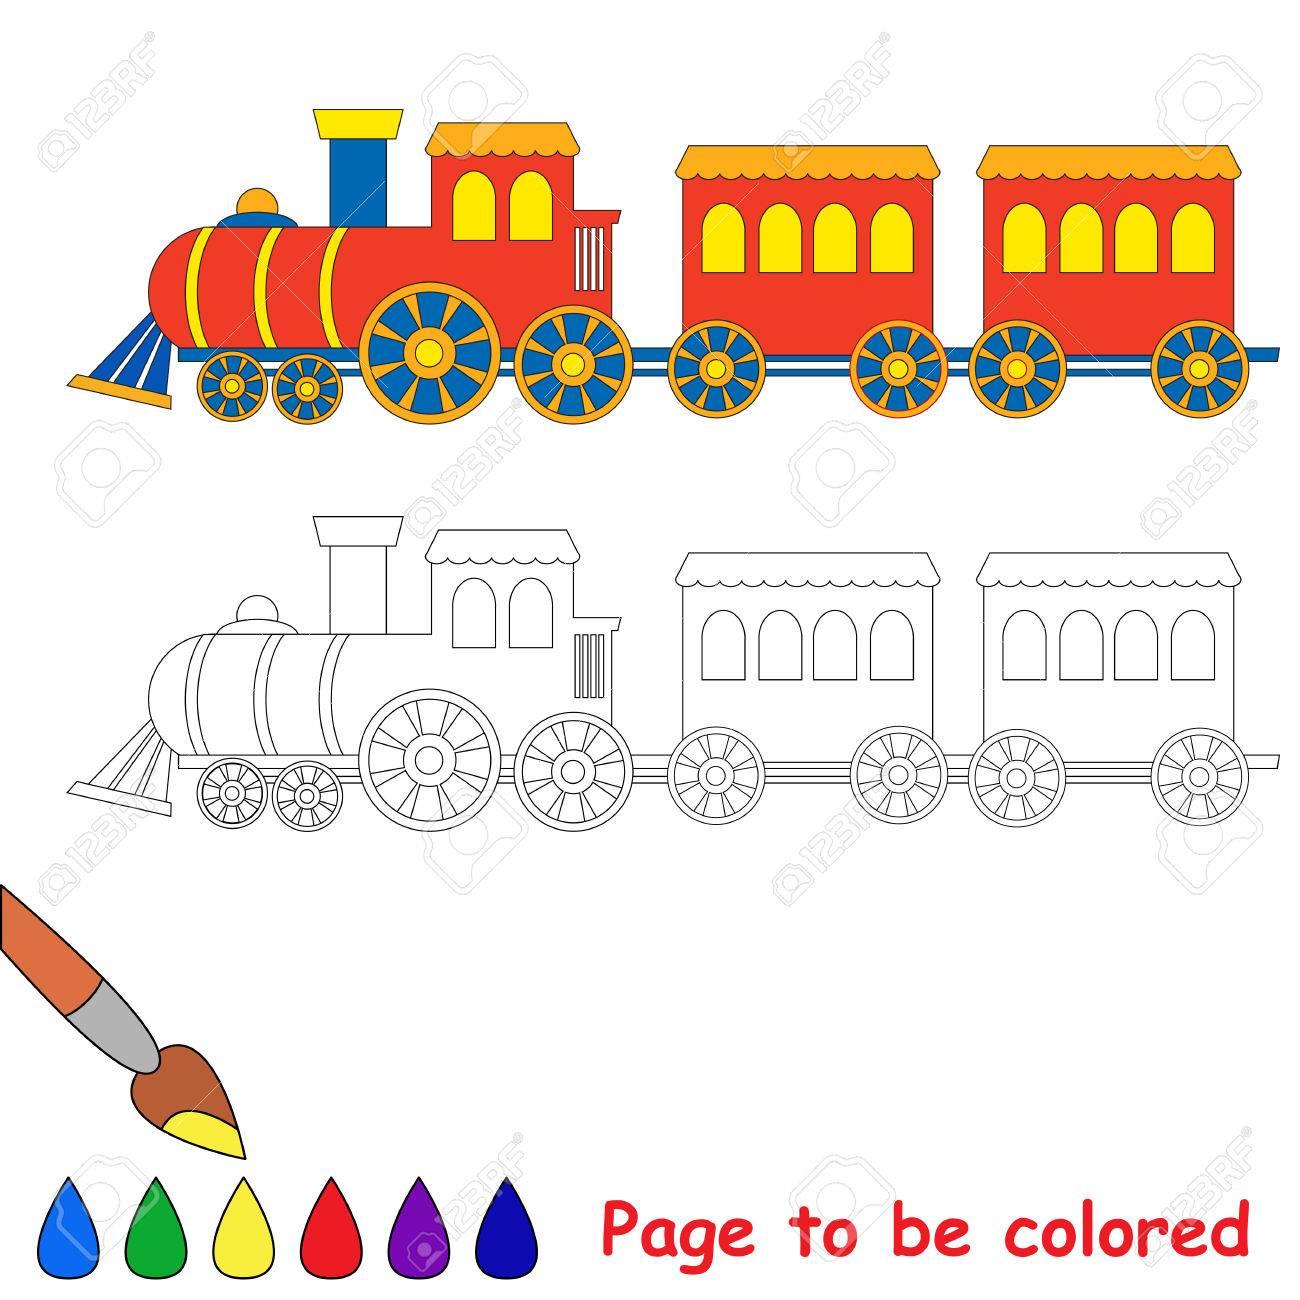 Toy Rouge Bleu Locomotive Locomotive Livre De Coloriage De Voiture Pour Les Enfants A Etre Coloree